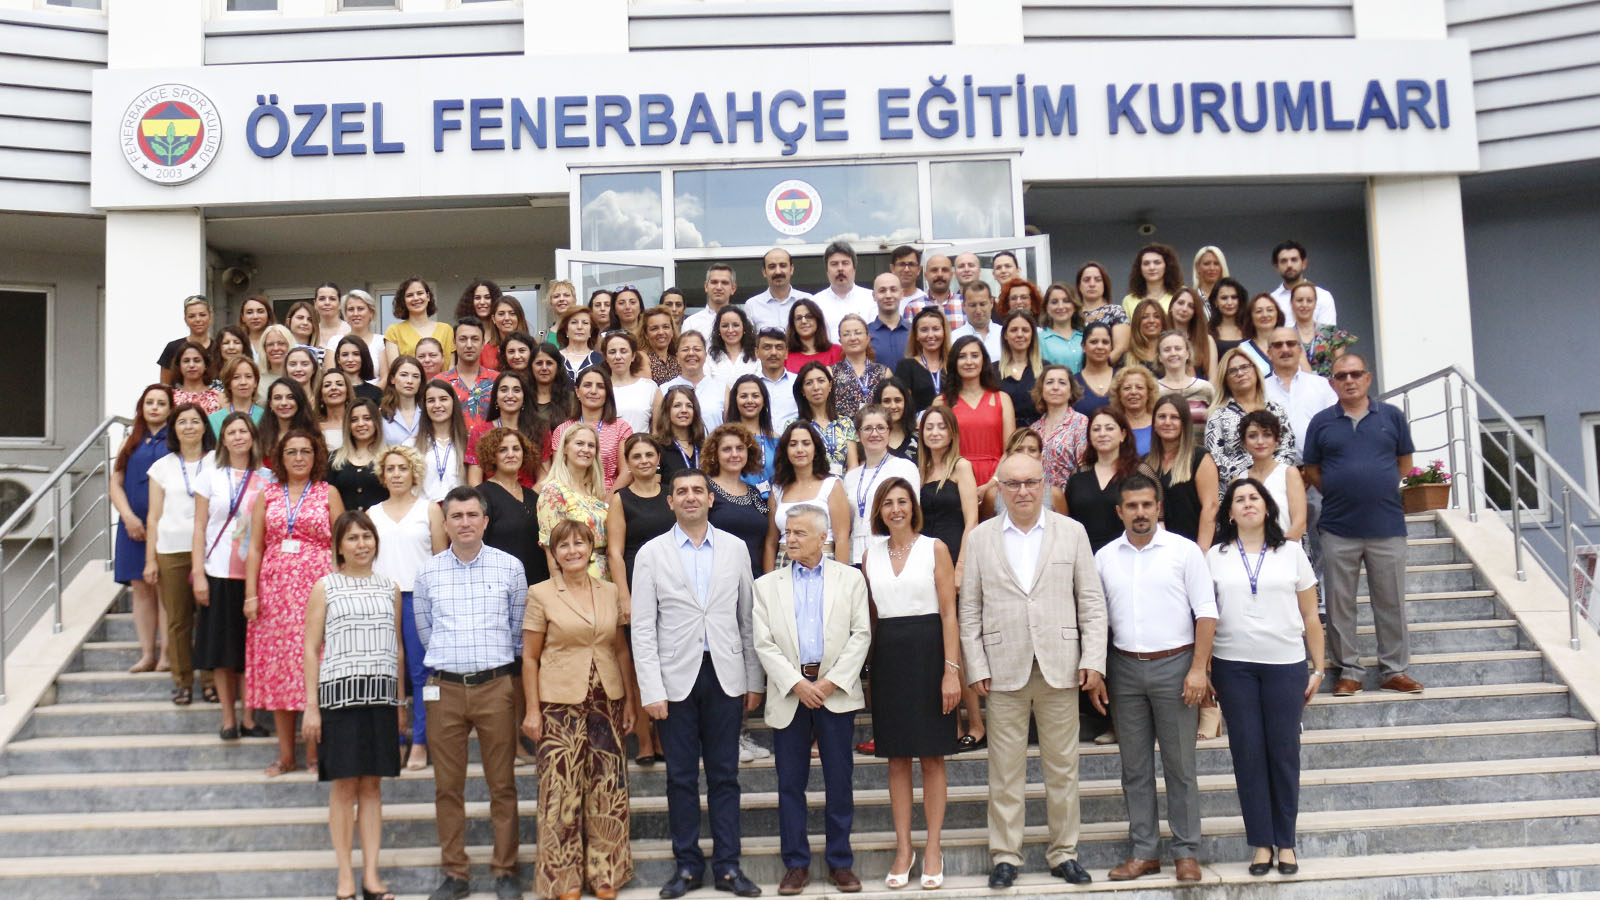 Fenerbahçe Koleji'nde mesleki eğitim seminerleri başladı